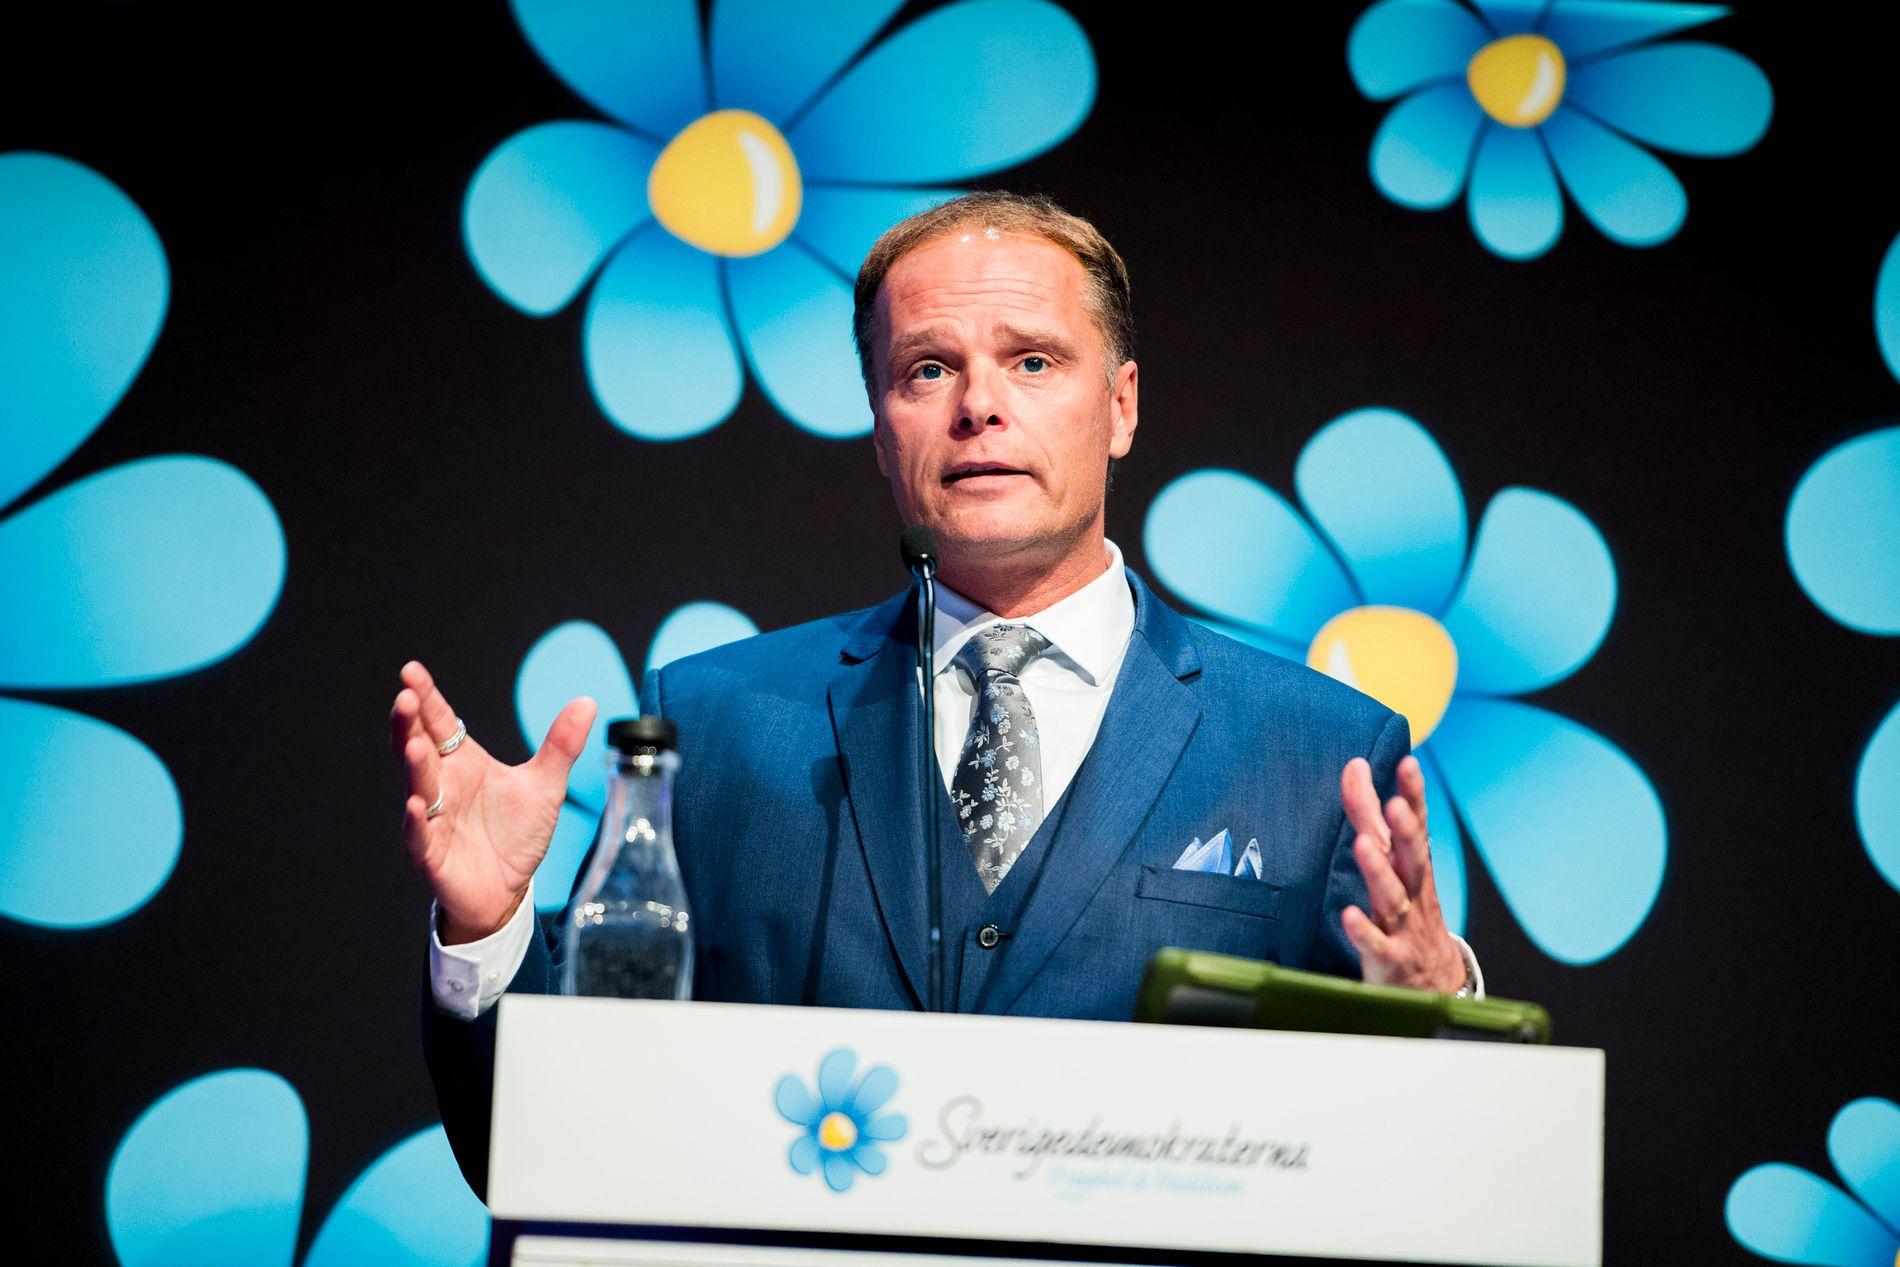 TREKKER SEG: Skolepolitisk talsmann for Sverigedemokraterna har siden 2014 benyttet seg av regjeringens taxier til private formål. Etter avsløringene ha toppolitikeren nå valgt å trekke seg.